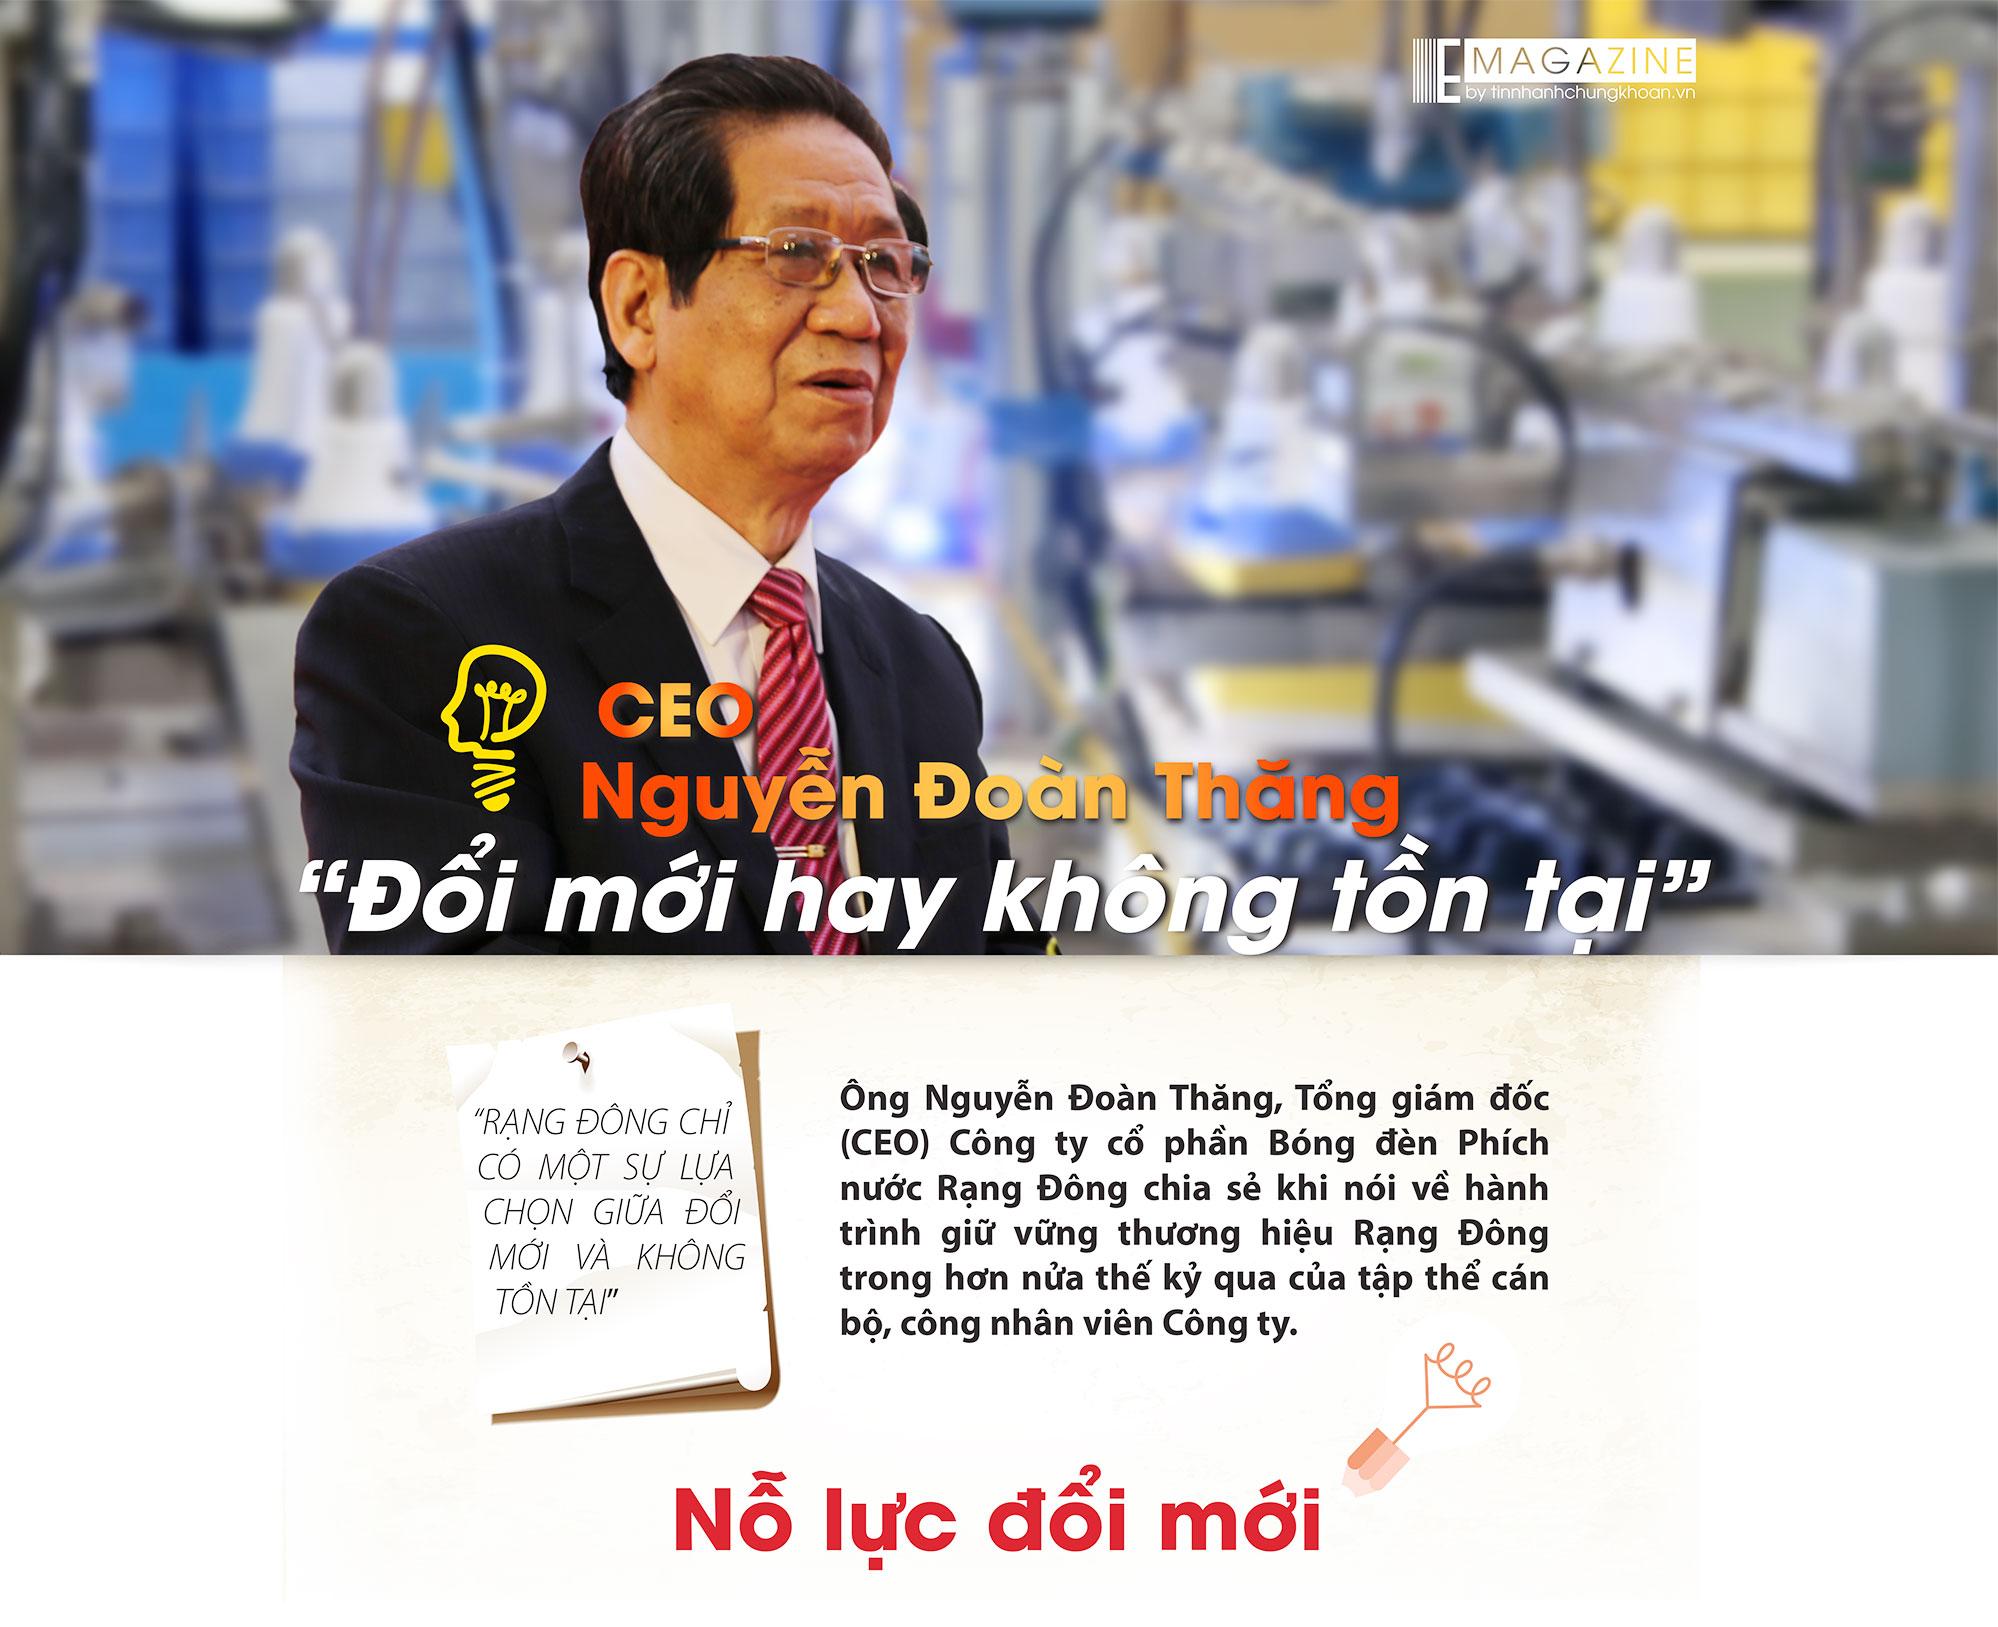 CEO Nguyễn Đoàn Thăng - Đổi mới hay không tồn tại